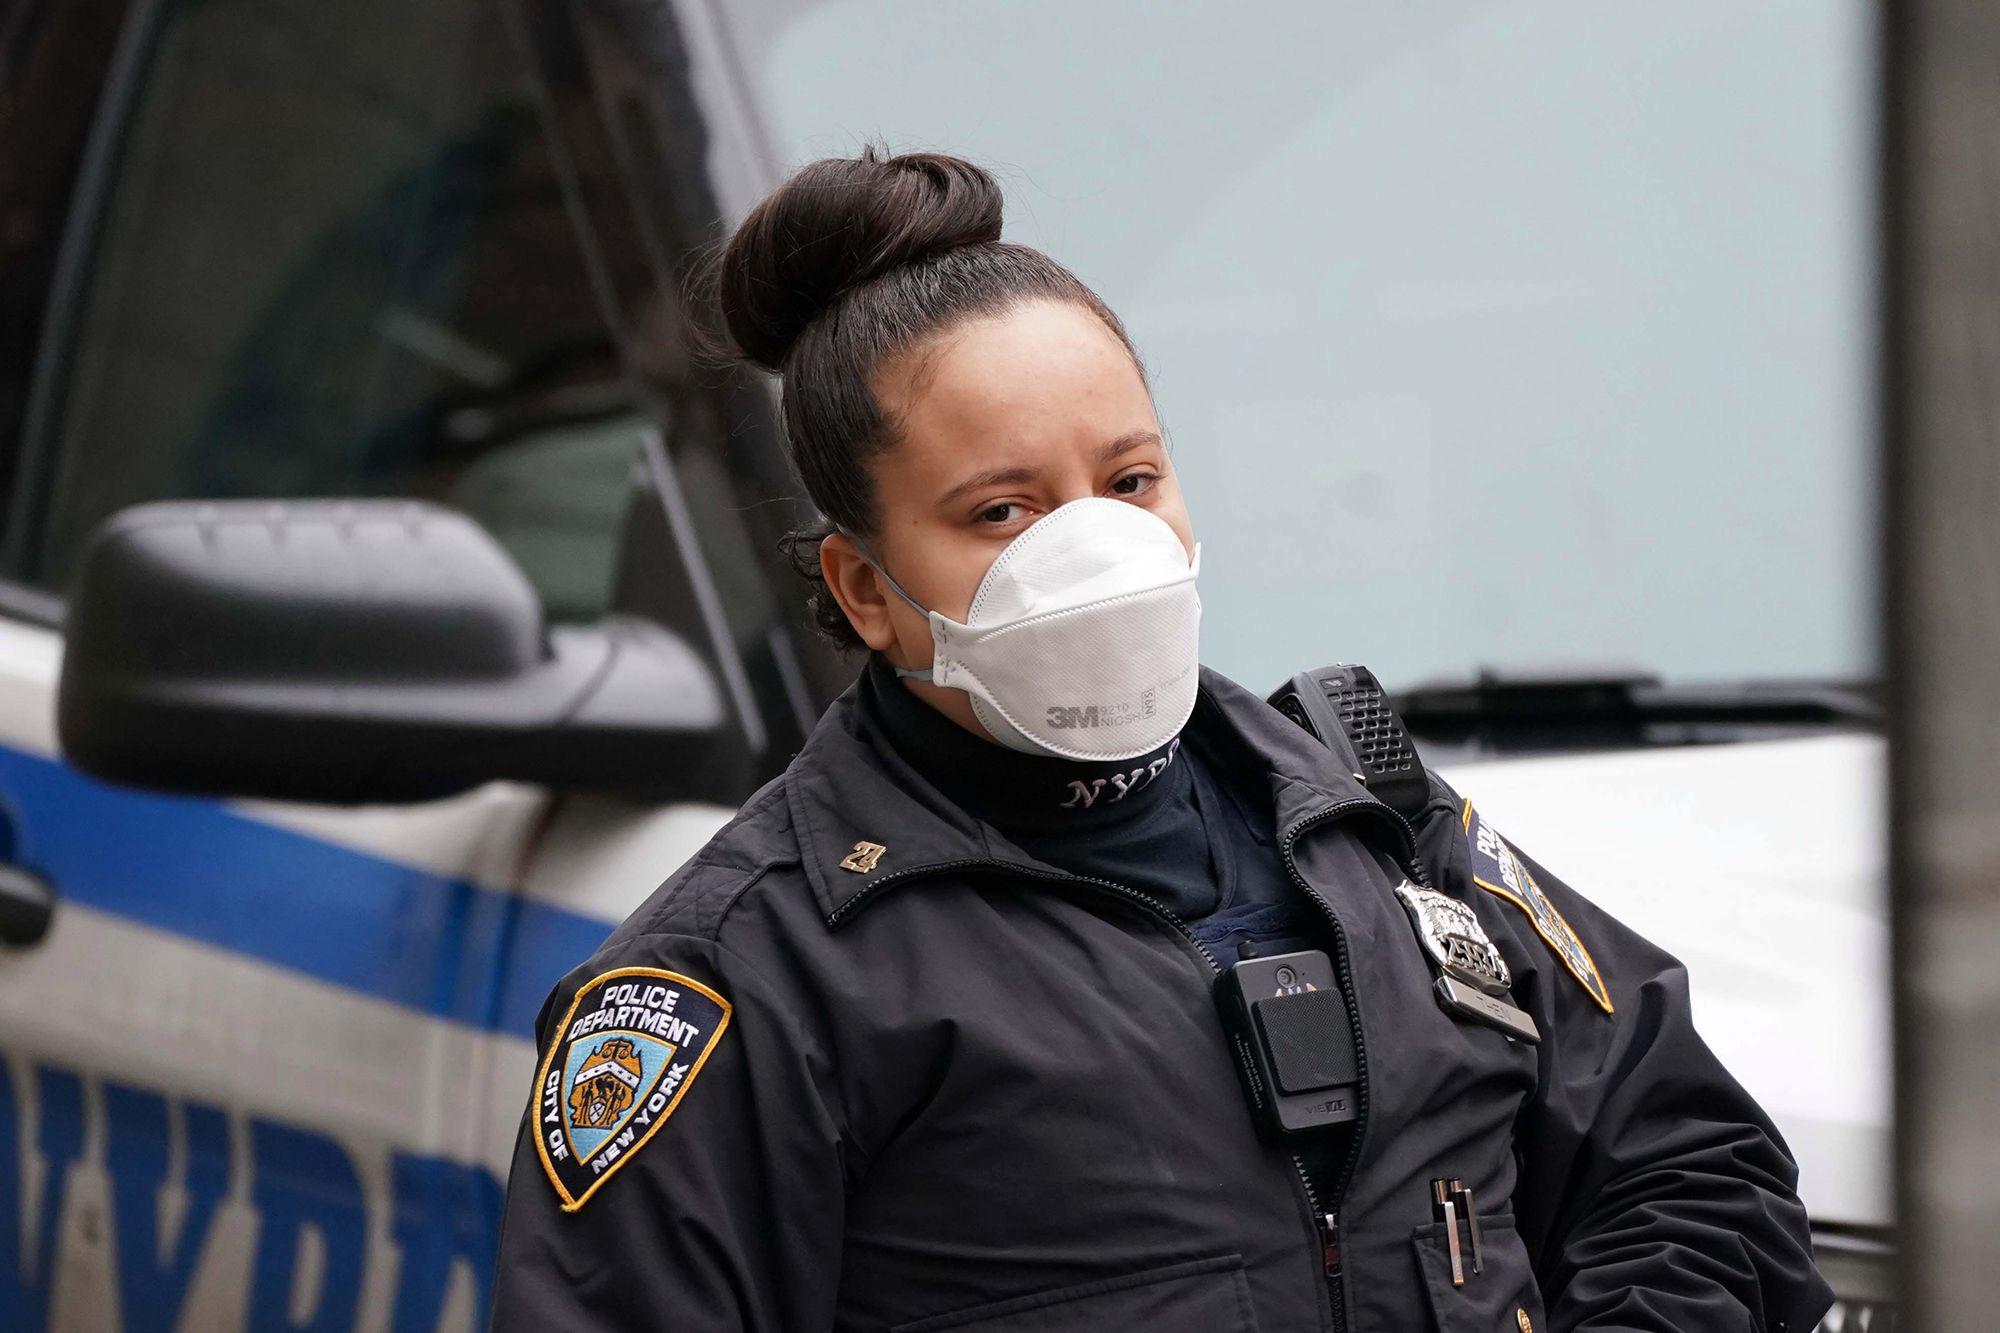 Bang New York có hơn 1.000 ca tử vong vì dịch Covid-19, trong đó có một trường hợp dưới 18 tuổi - Ảnh 3.